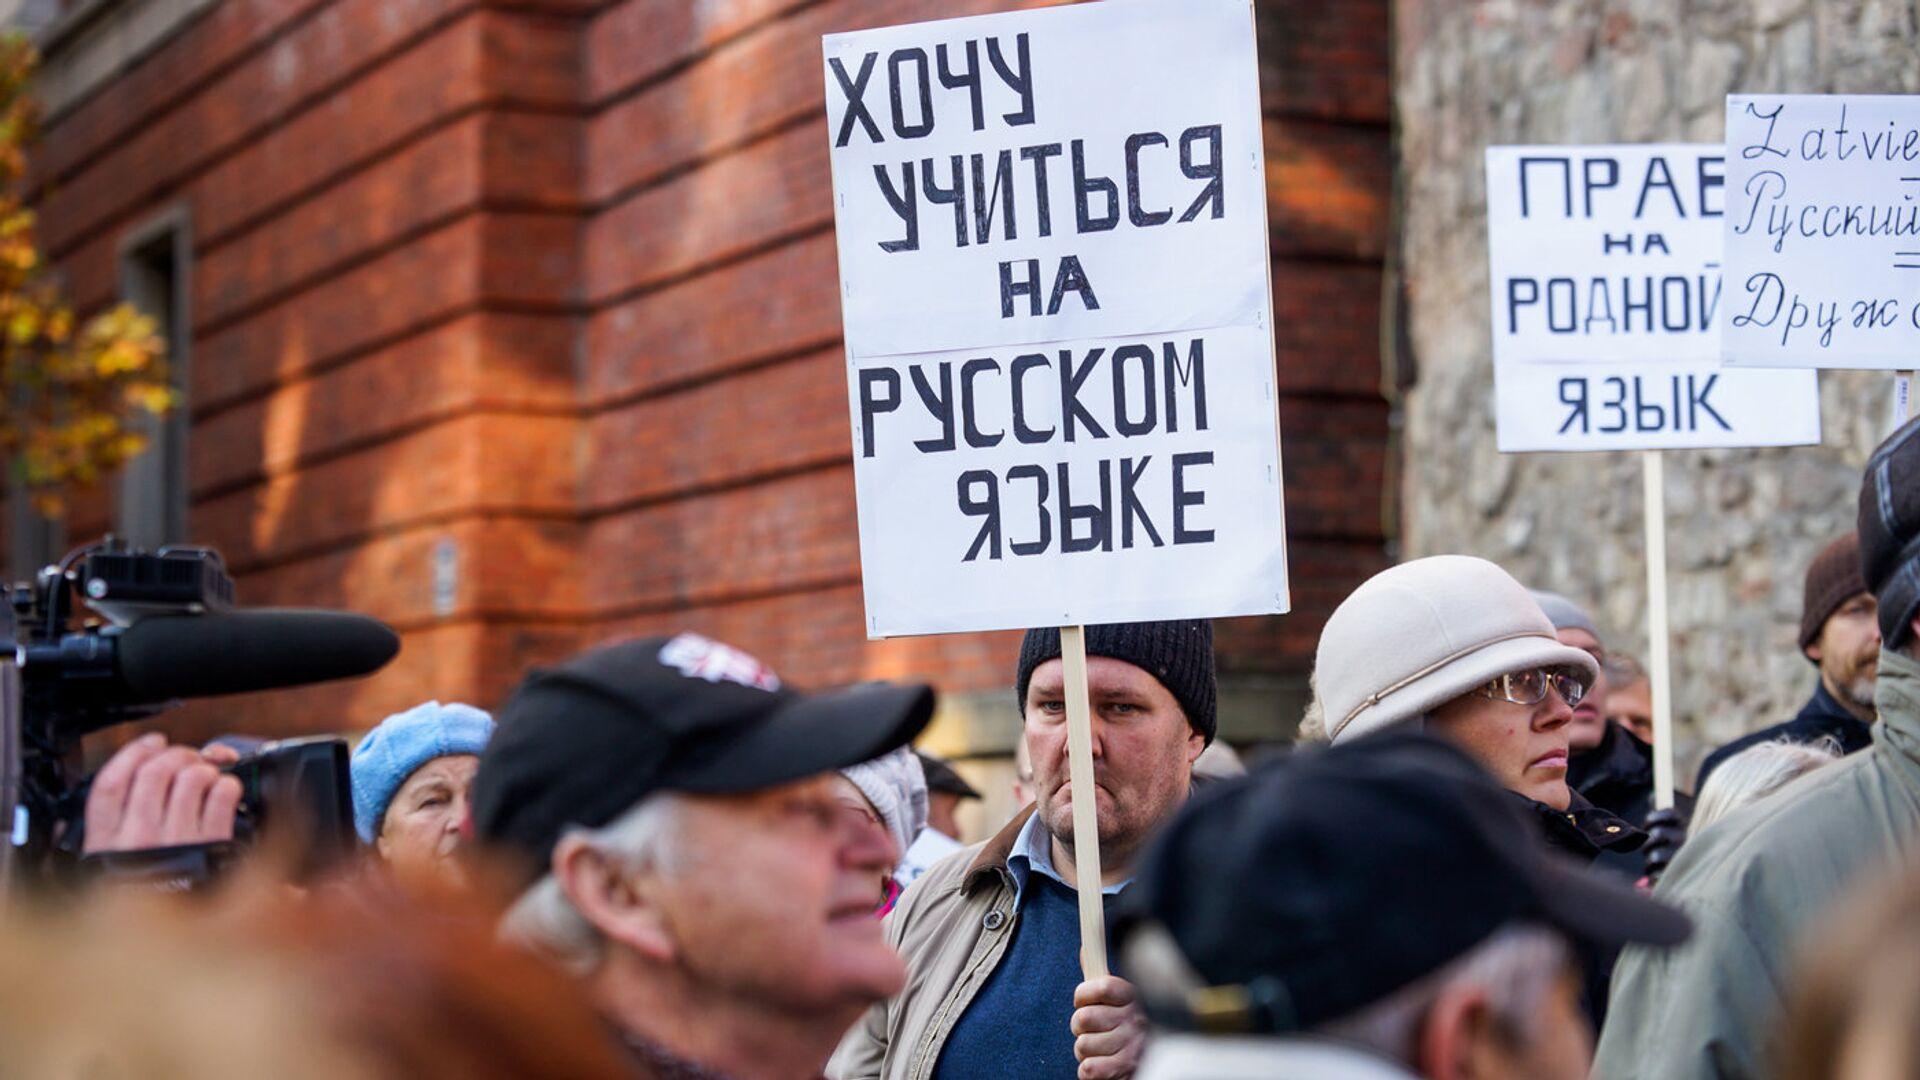 Митинг против полного перевода билингвальных школ на латышский язык - Sputnik Латвия, 1920, 19.09.2021